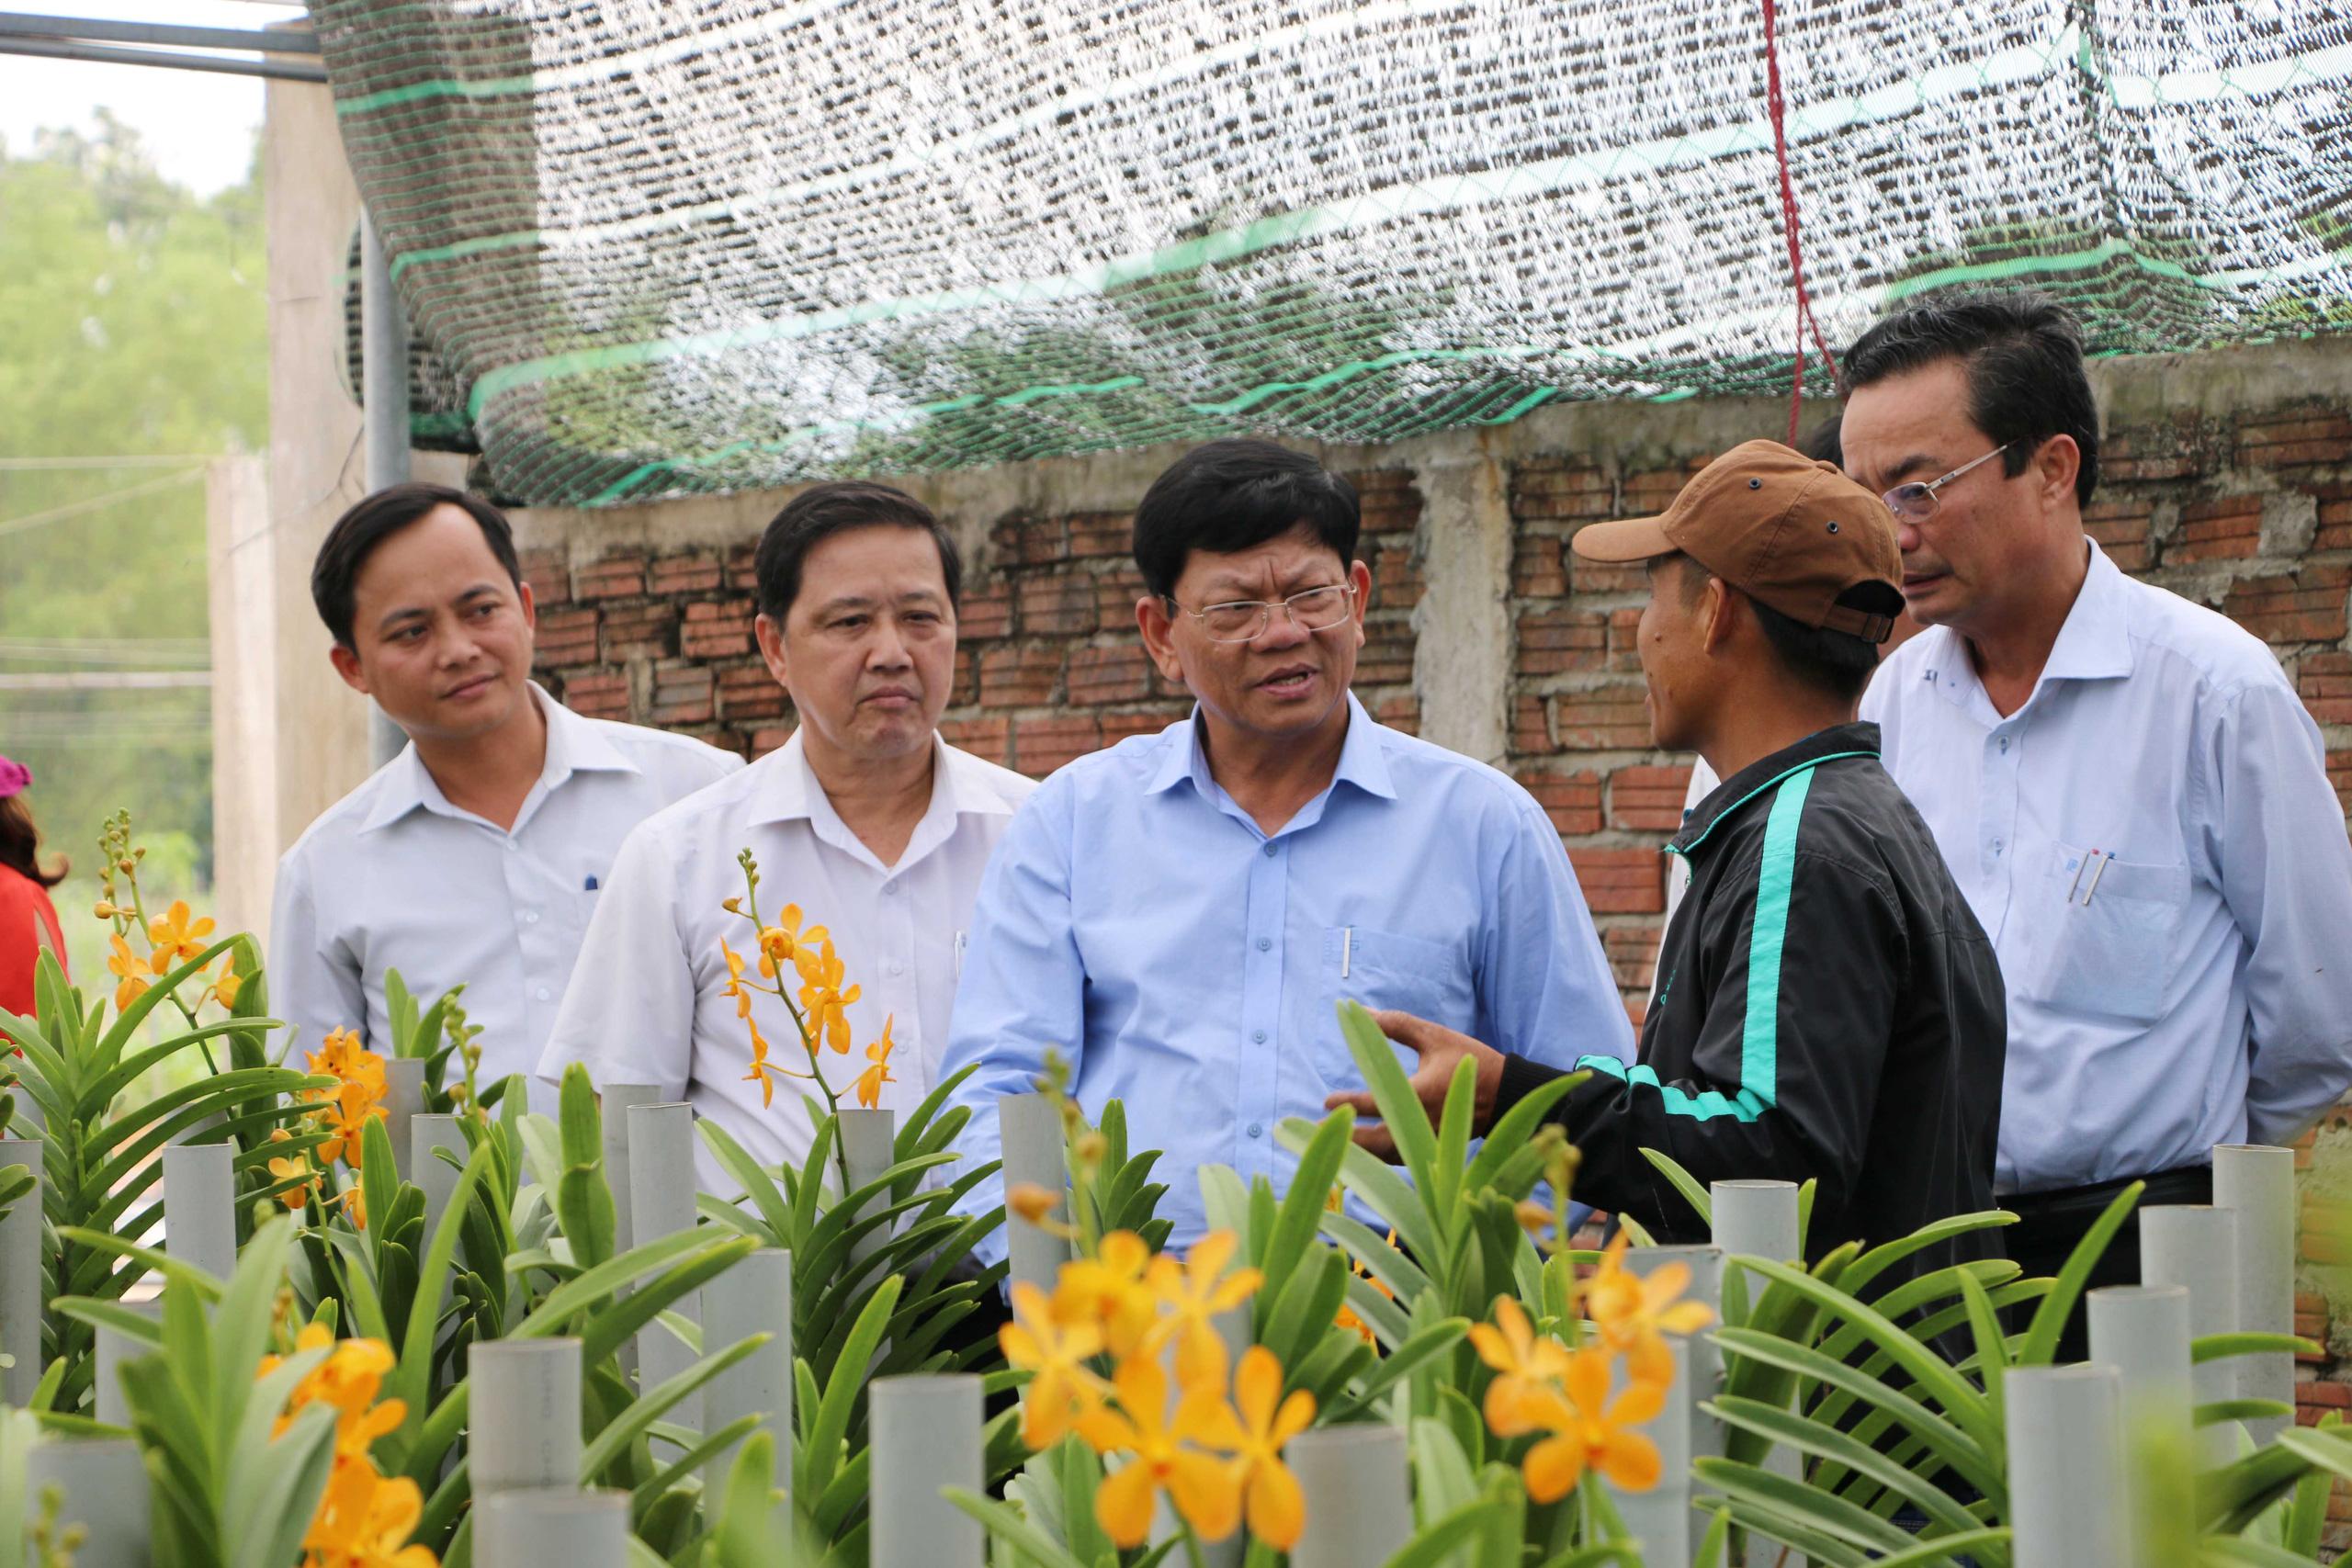 Đà Nẵng: Hạ tầng hoàn thiện, kinh tế khởi sắc Hòa Châu tiến lên đô thị - Ảnh 5.